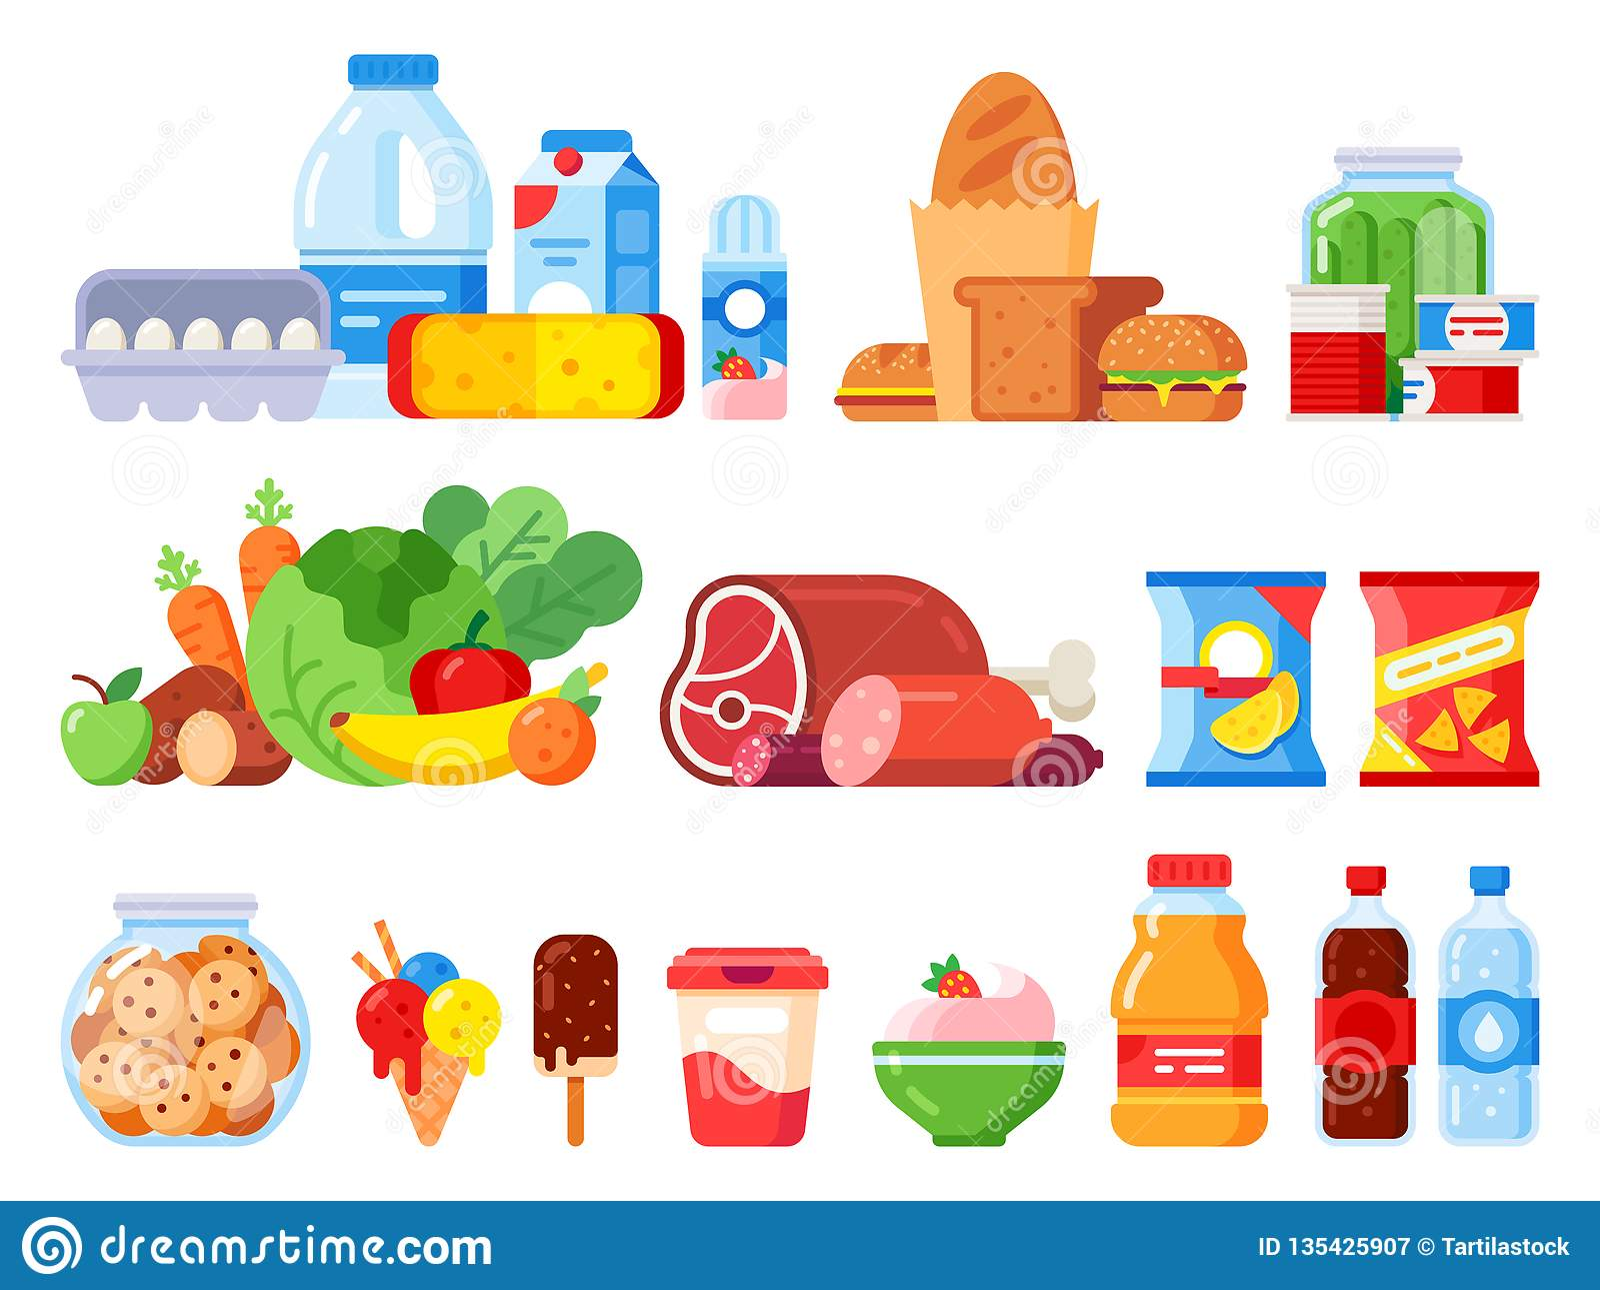 食品 包装烹调产品、超级市场物品和罐头 饼罐、打好的奶油和鸡蛋平展包装